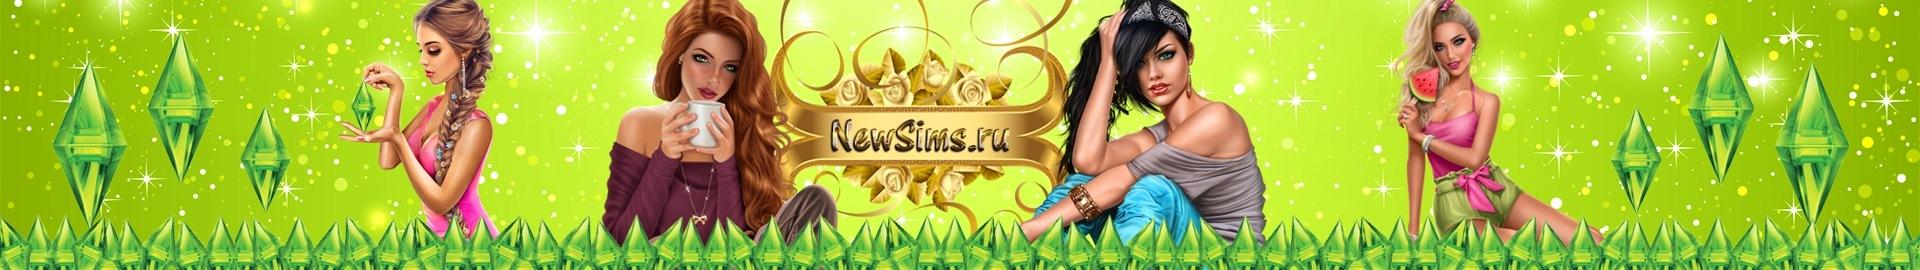 newsims.ru - бесплатные дополнения с целью симс 0 The Sims 0